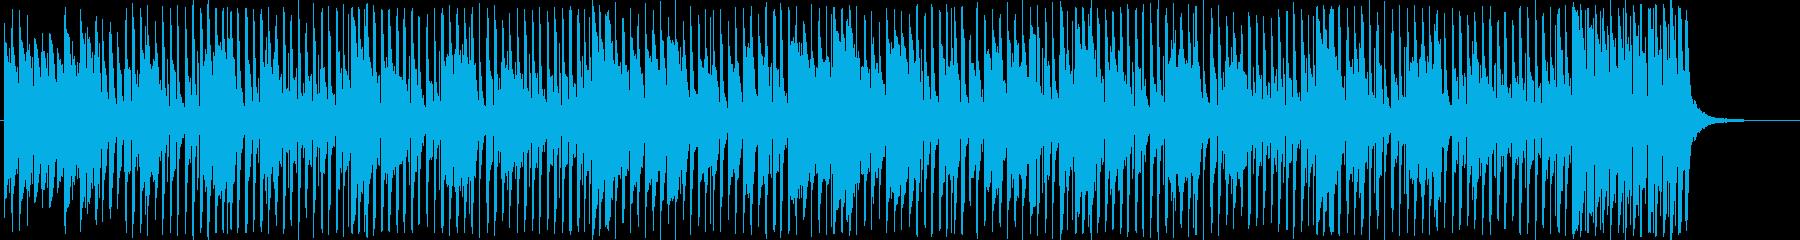 愉快で明るく楽しく弾むメロディーの再生済みの波形